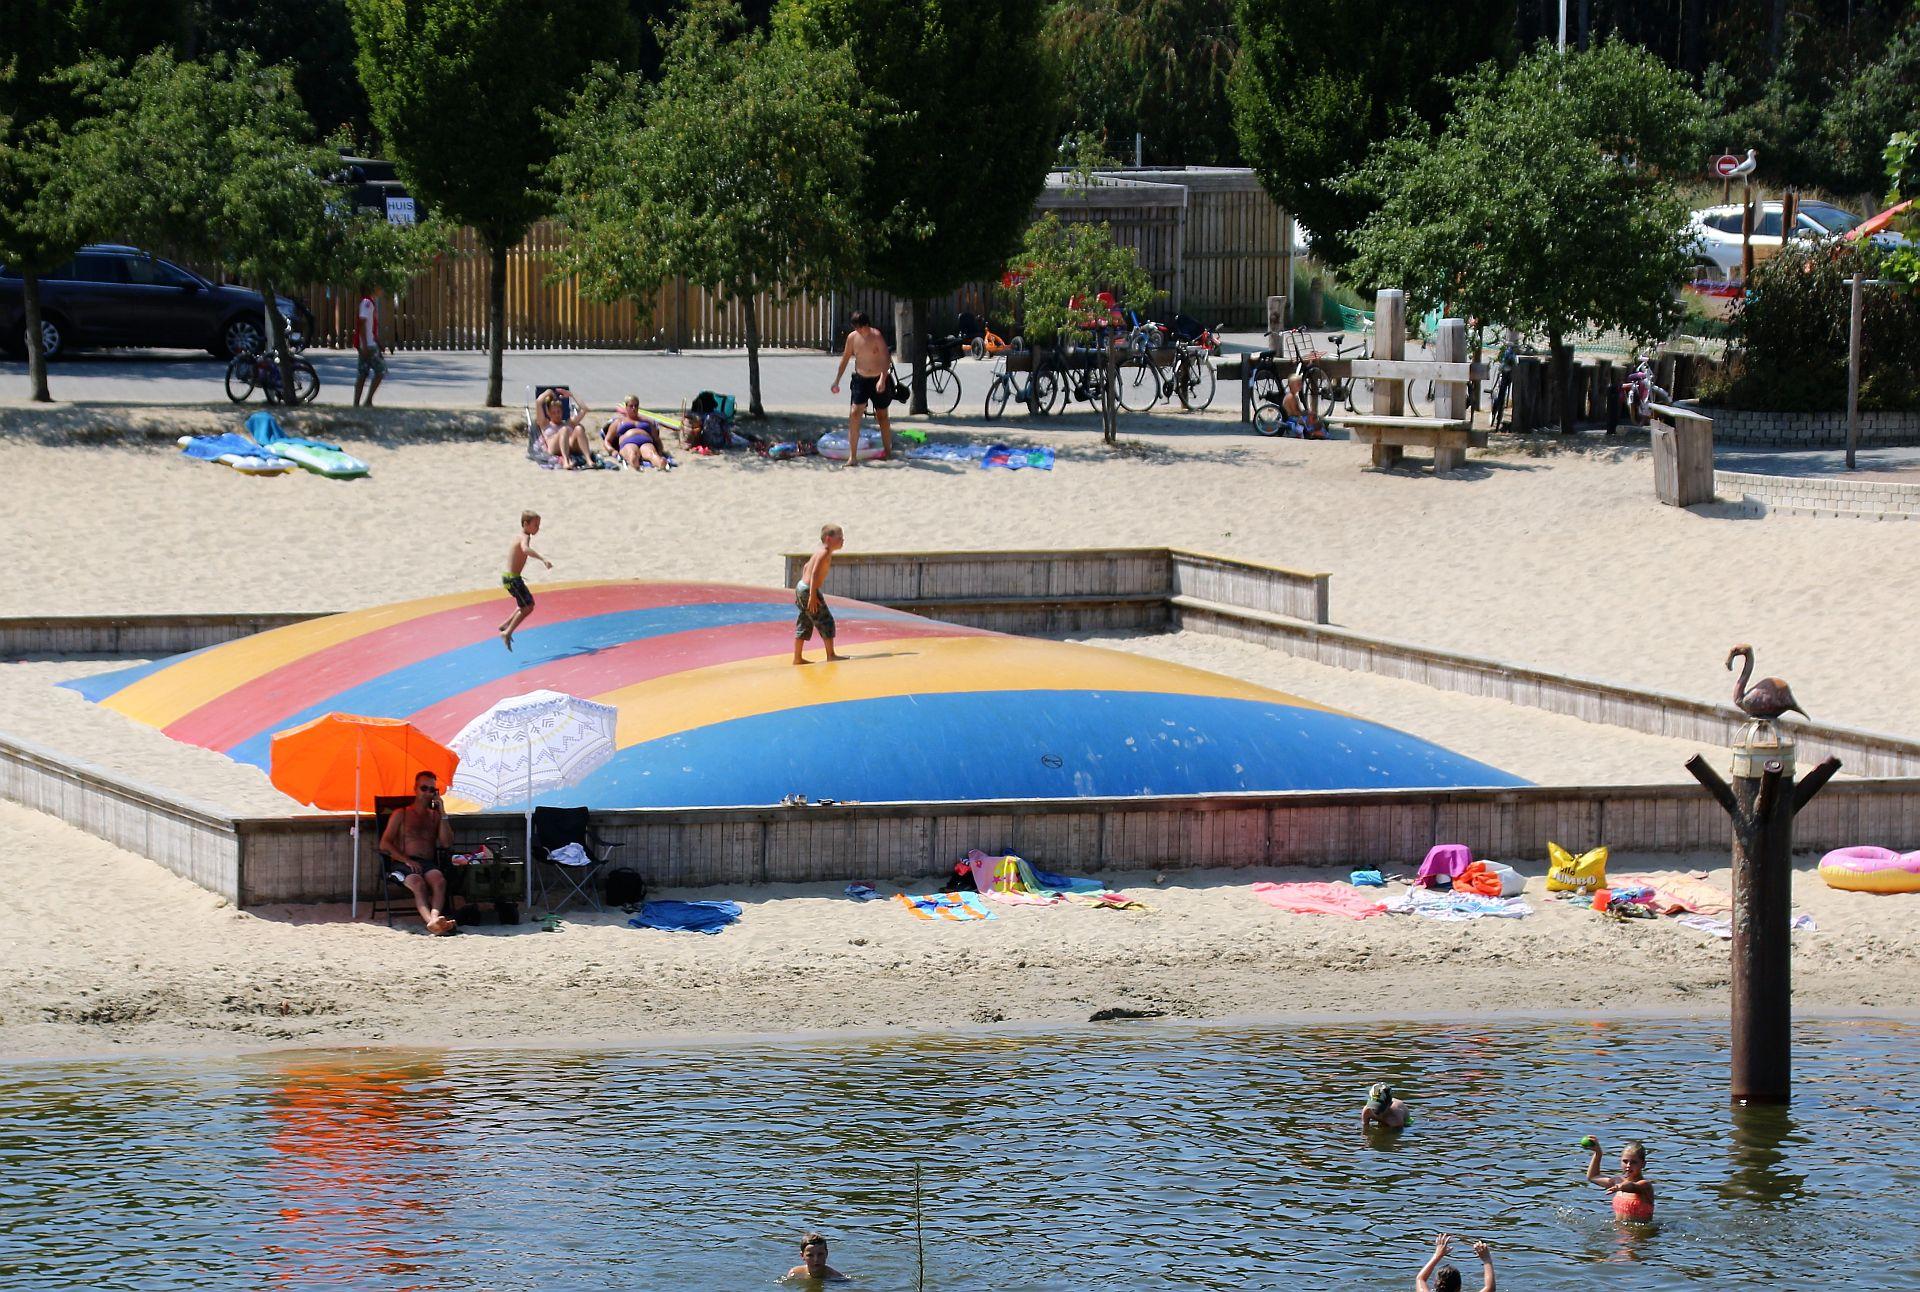 Camping in Slagharen dichtbij het attractiepark - Mooie camping in Slagharen